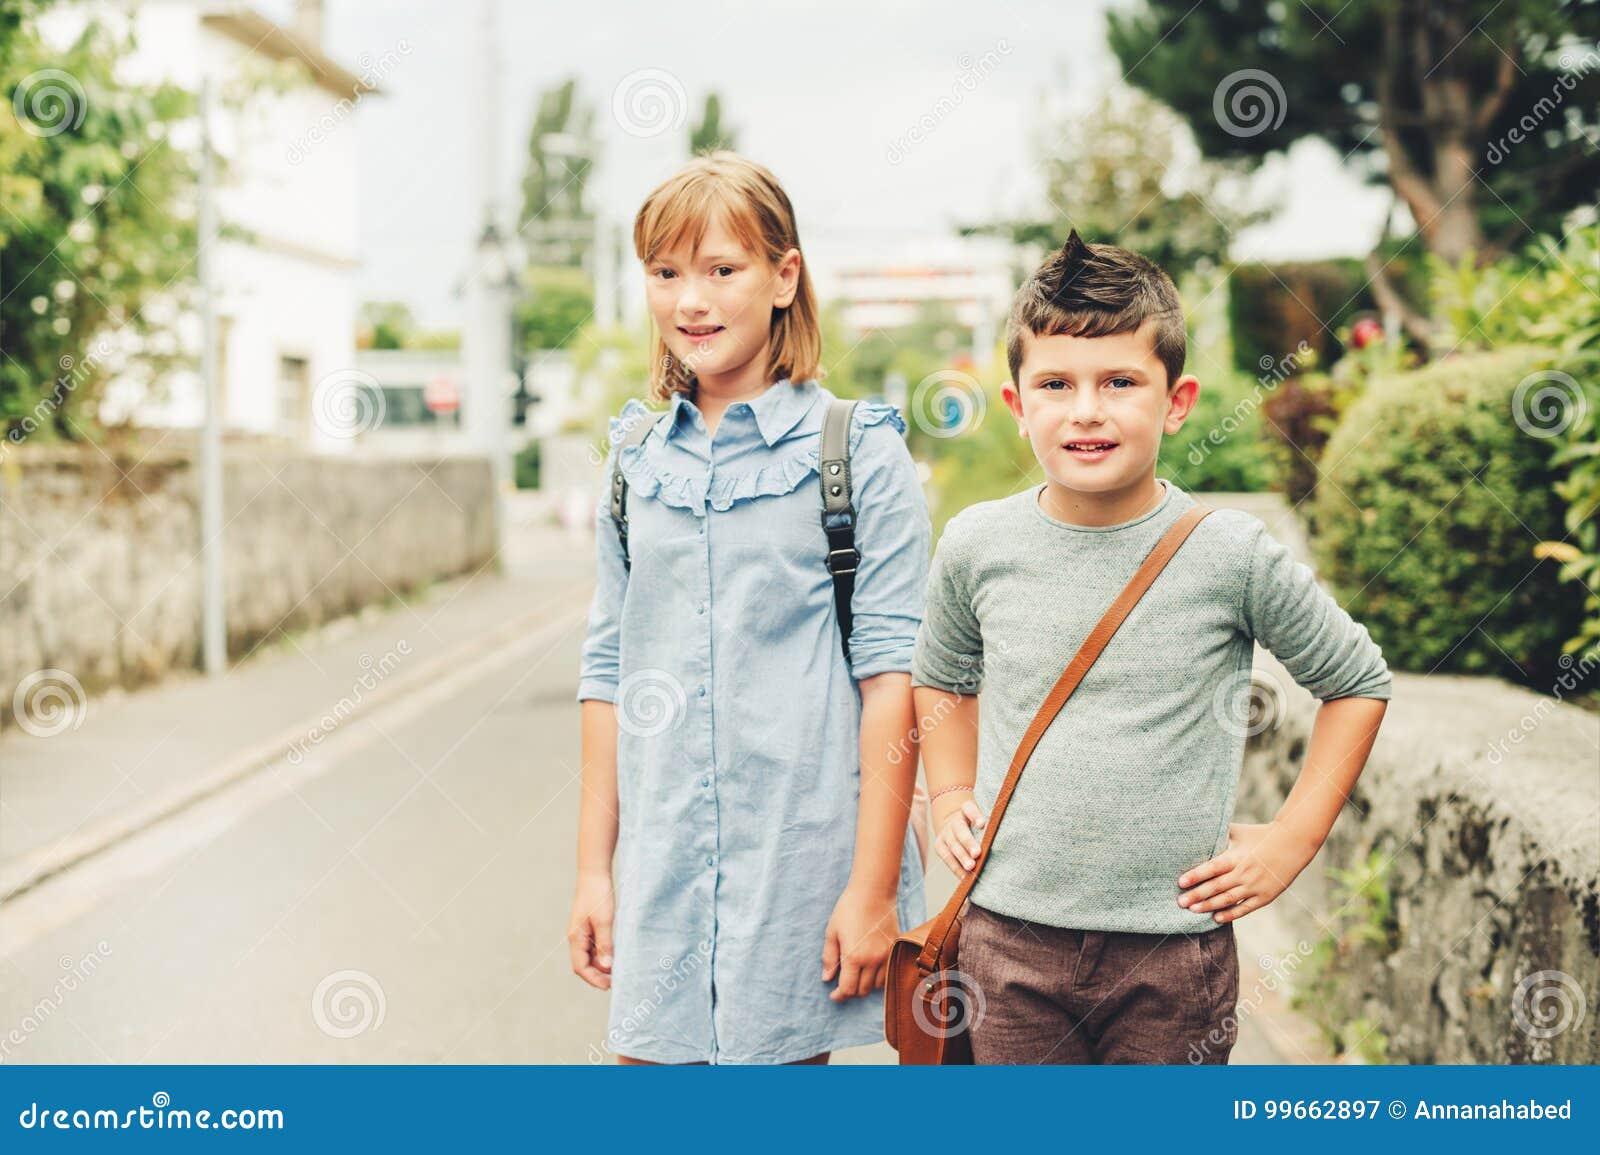 3f01c953b54 Χαριτωμένα παιδιά με τα σακίδια πλάτης Στοκ Εικόνα - εικόνα από ...